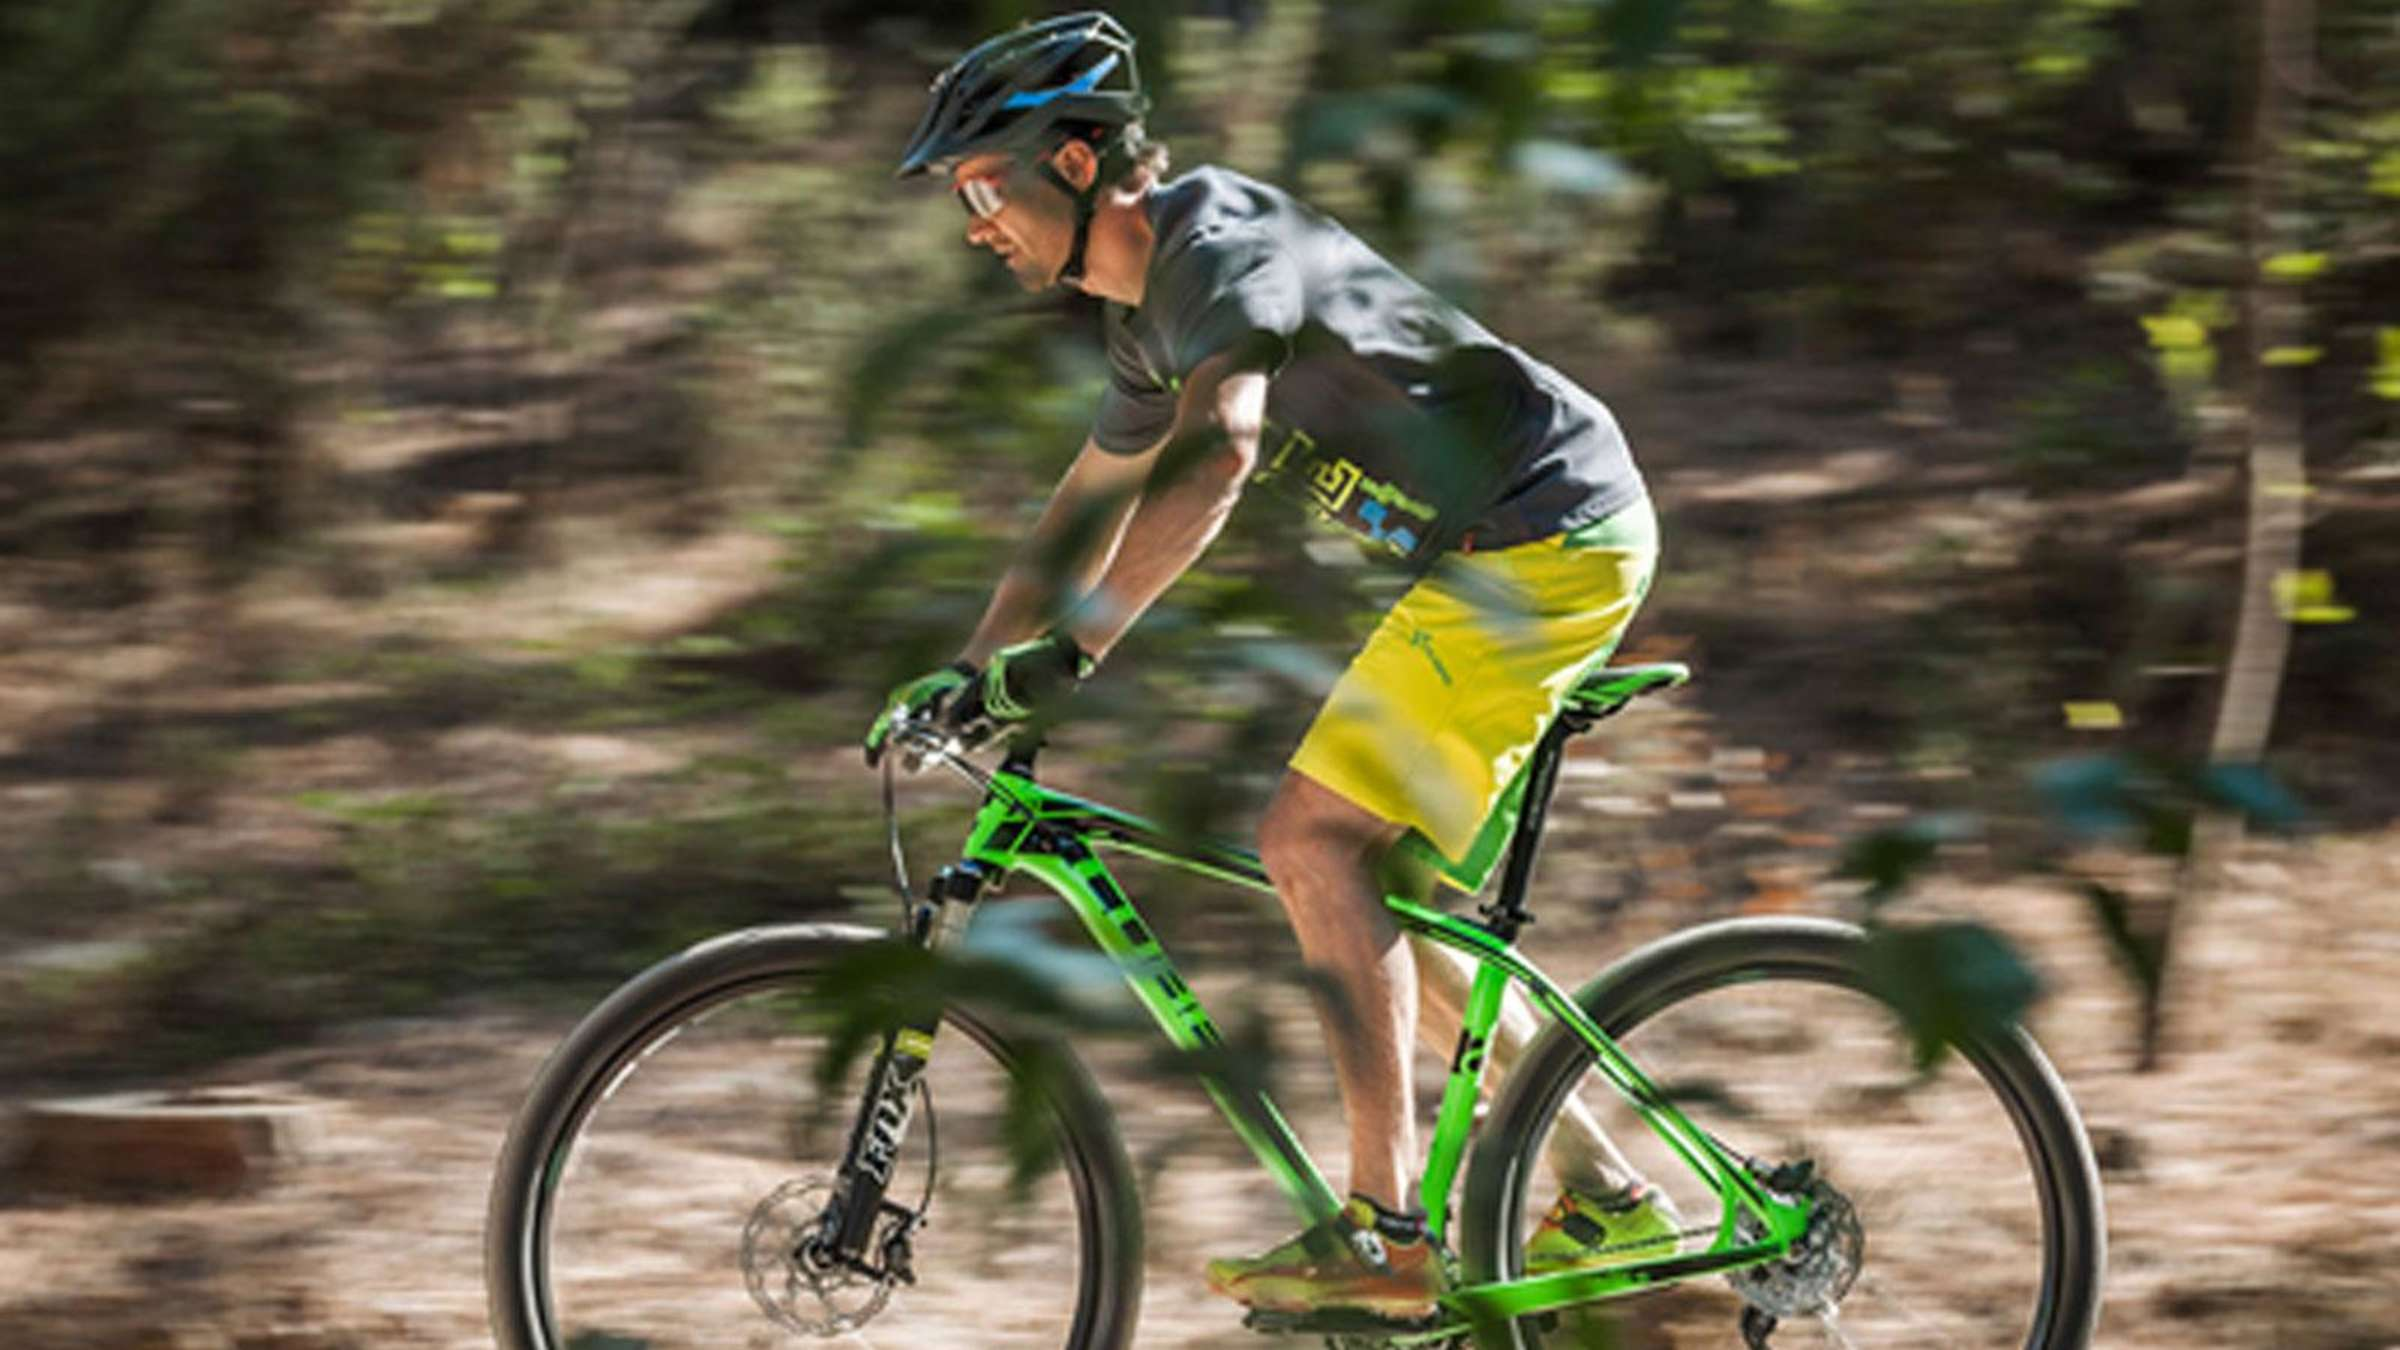 Mountainbike Tipps: Mit dieser Ausstattung sind Sie sicher